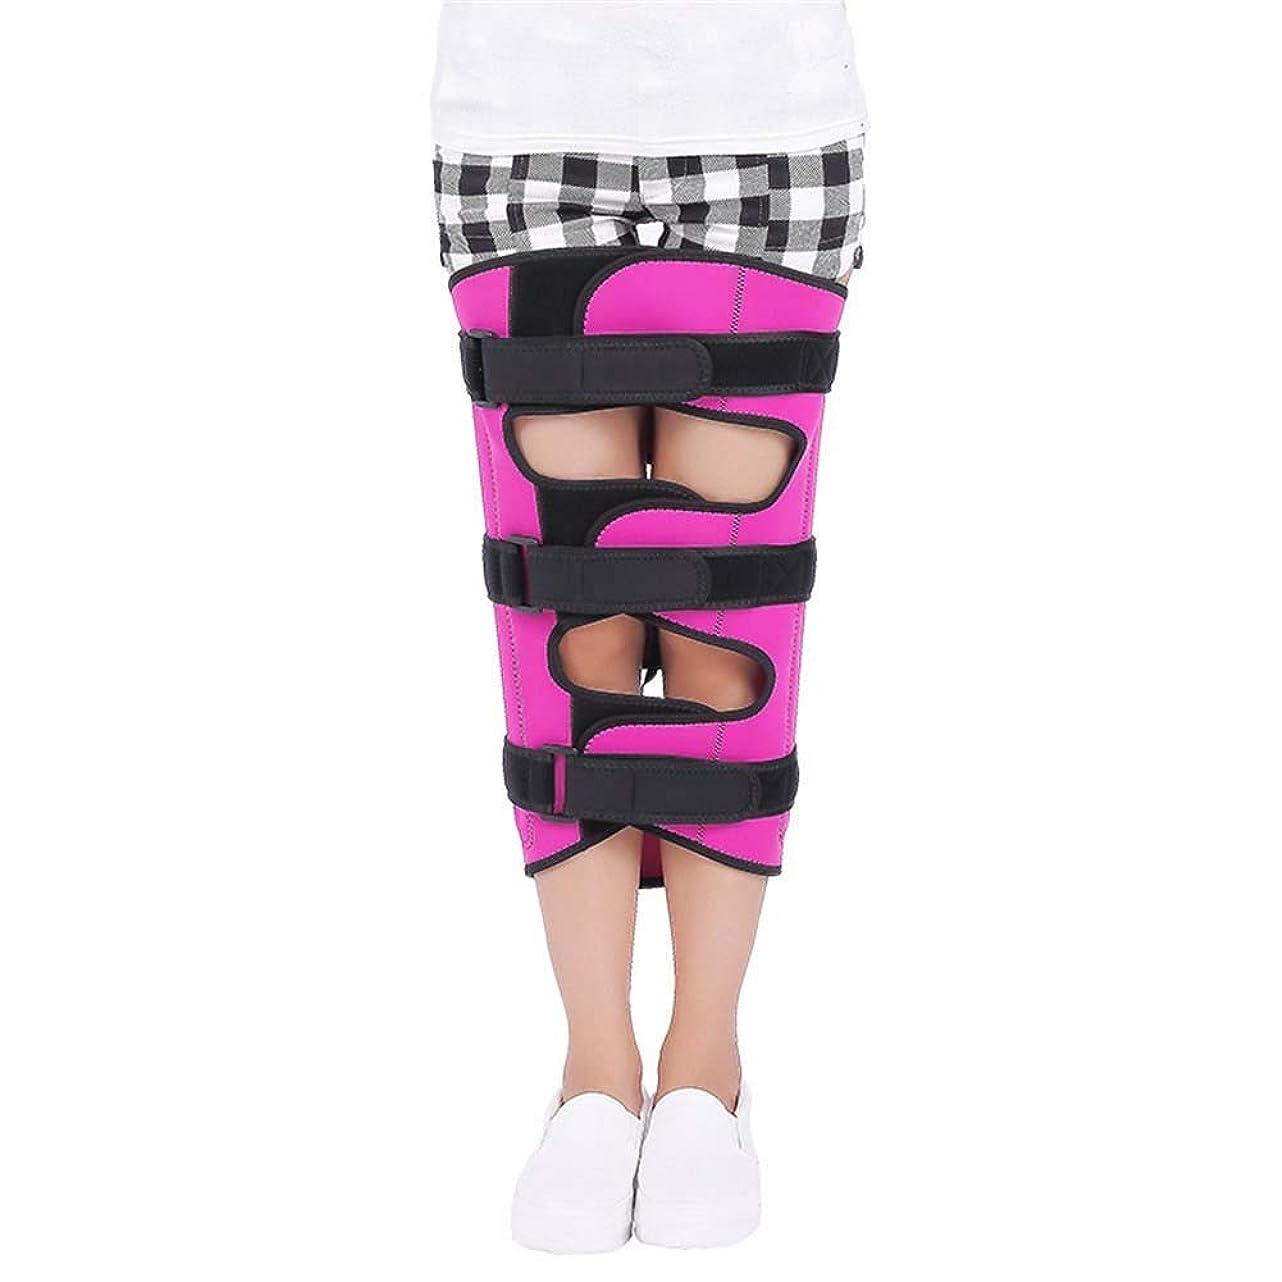 衣服最悪非互換脚姿勢補正ベルト、脚補正ベルトバンドは、XOタイプの脚用のベルト耐久性素材脚補正装置を真っ直ぐにします。,L